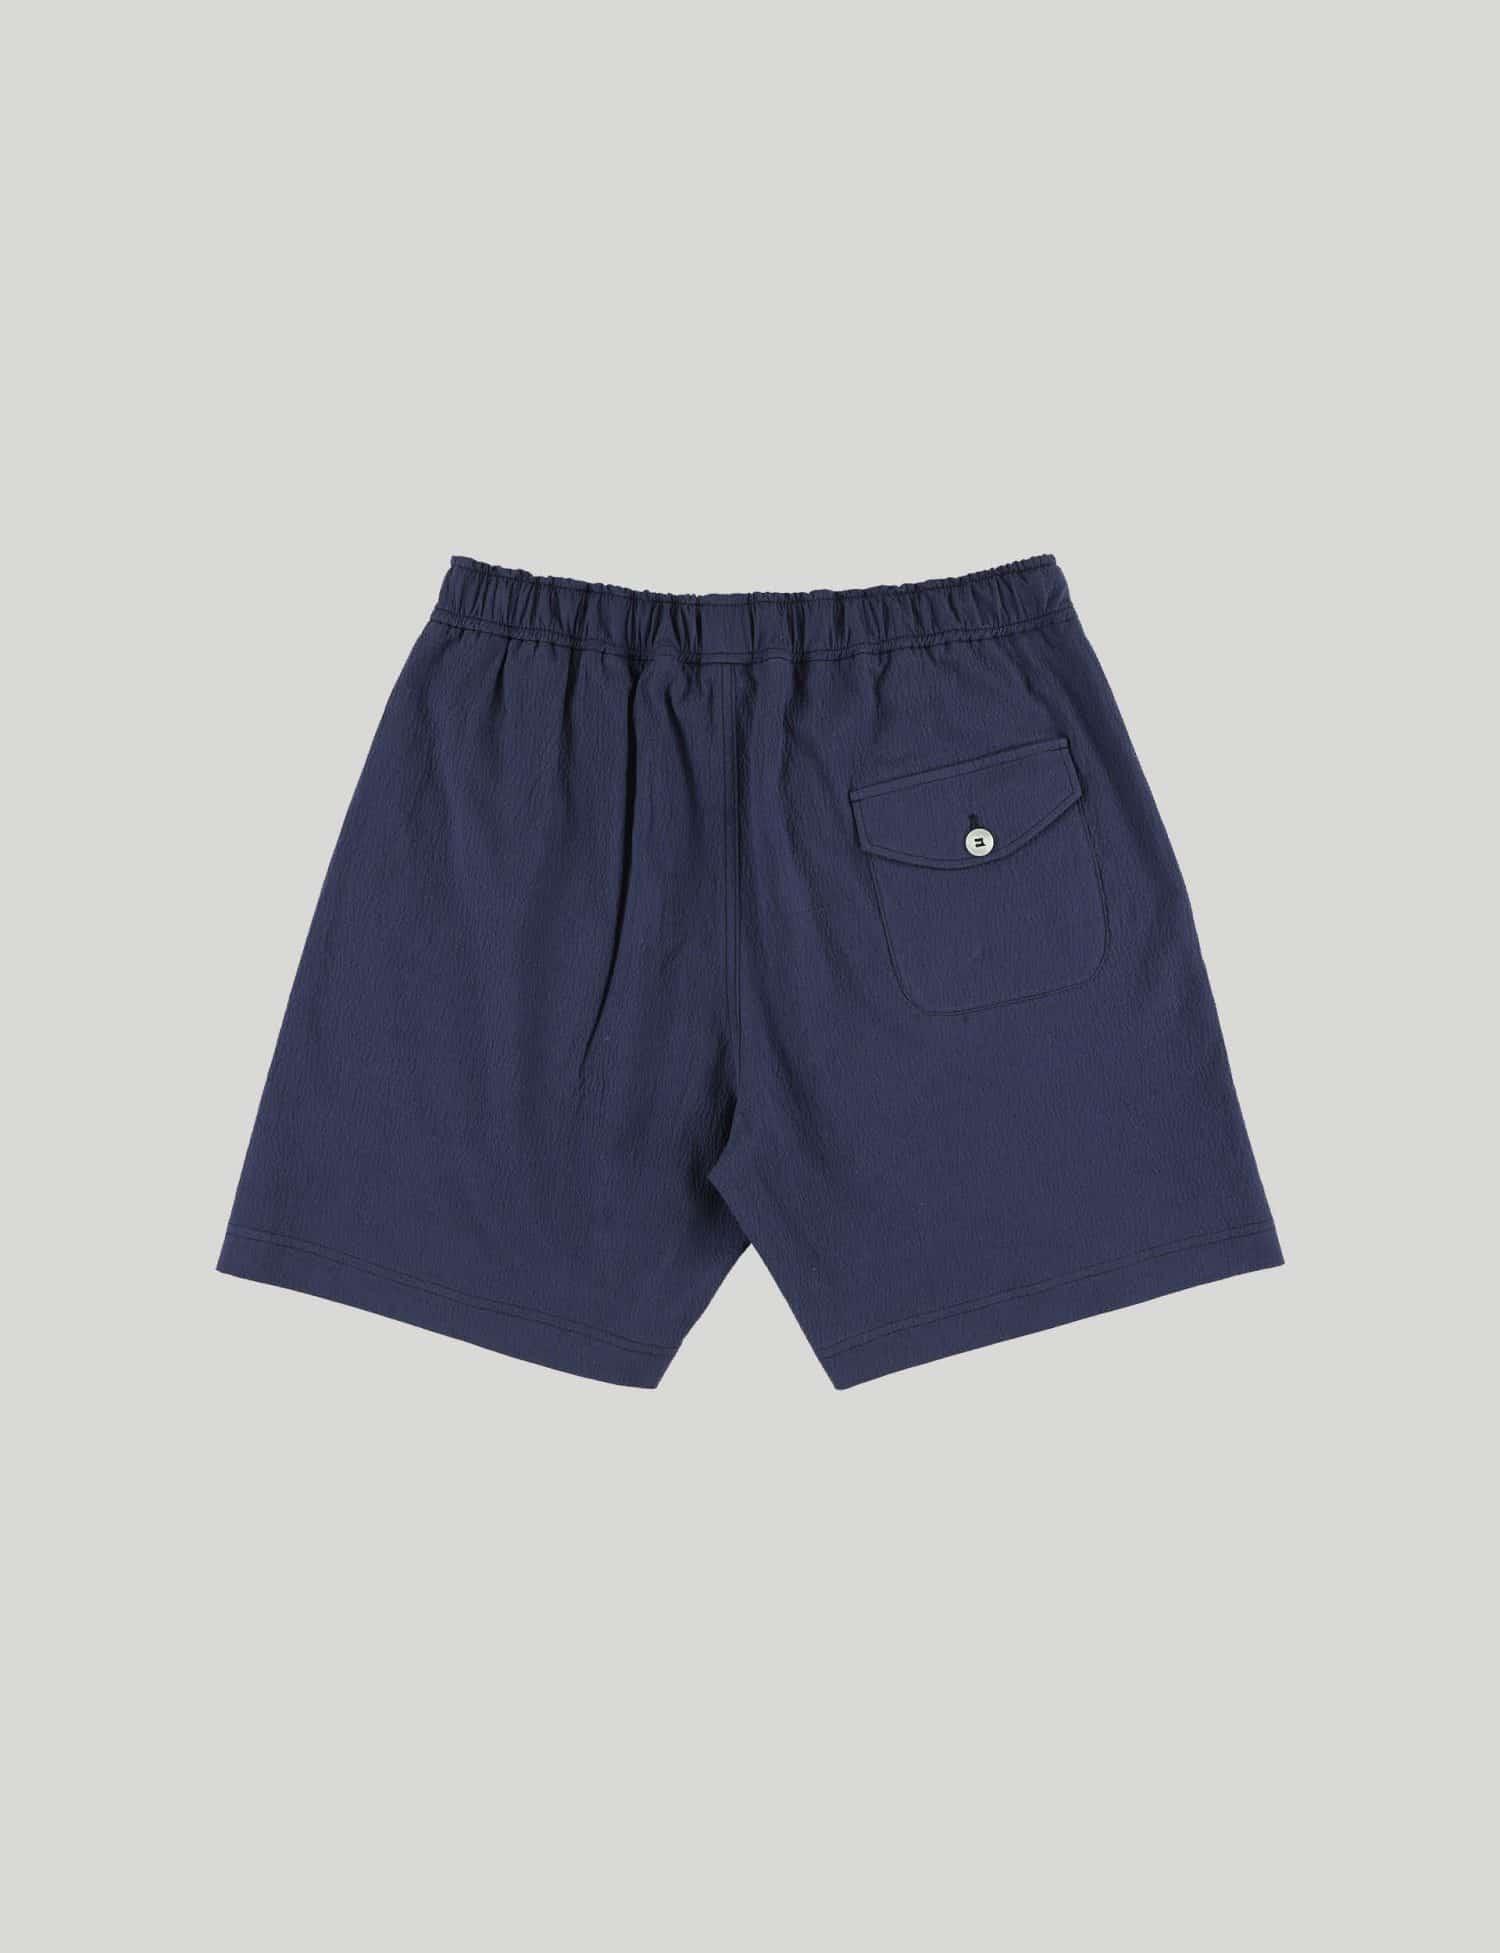 Castart - Tiger Tooth Shorts - Navy Blue